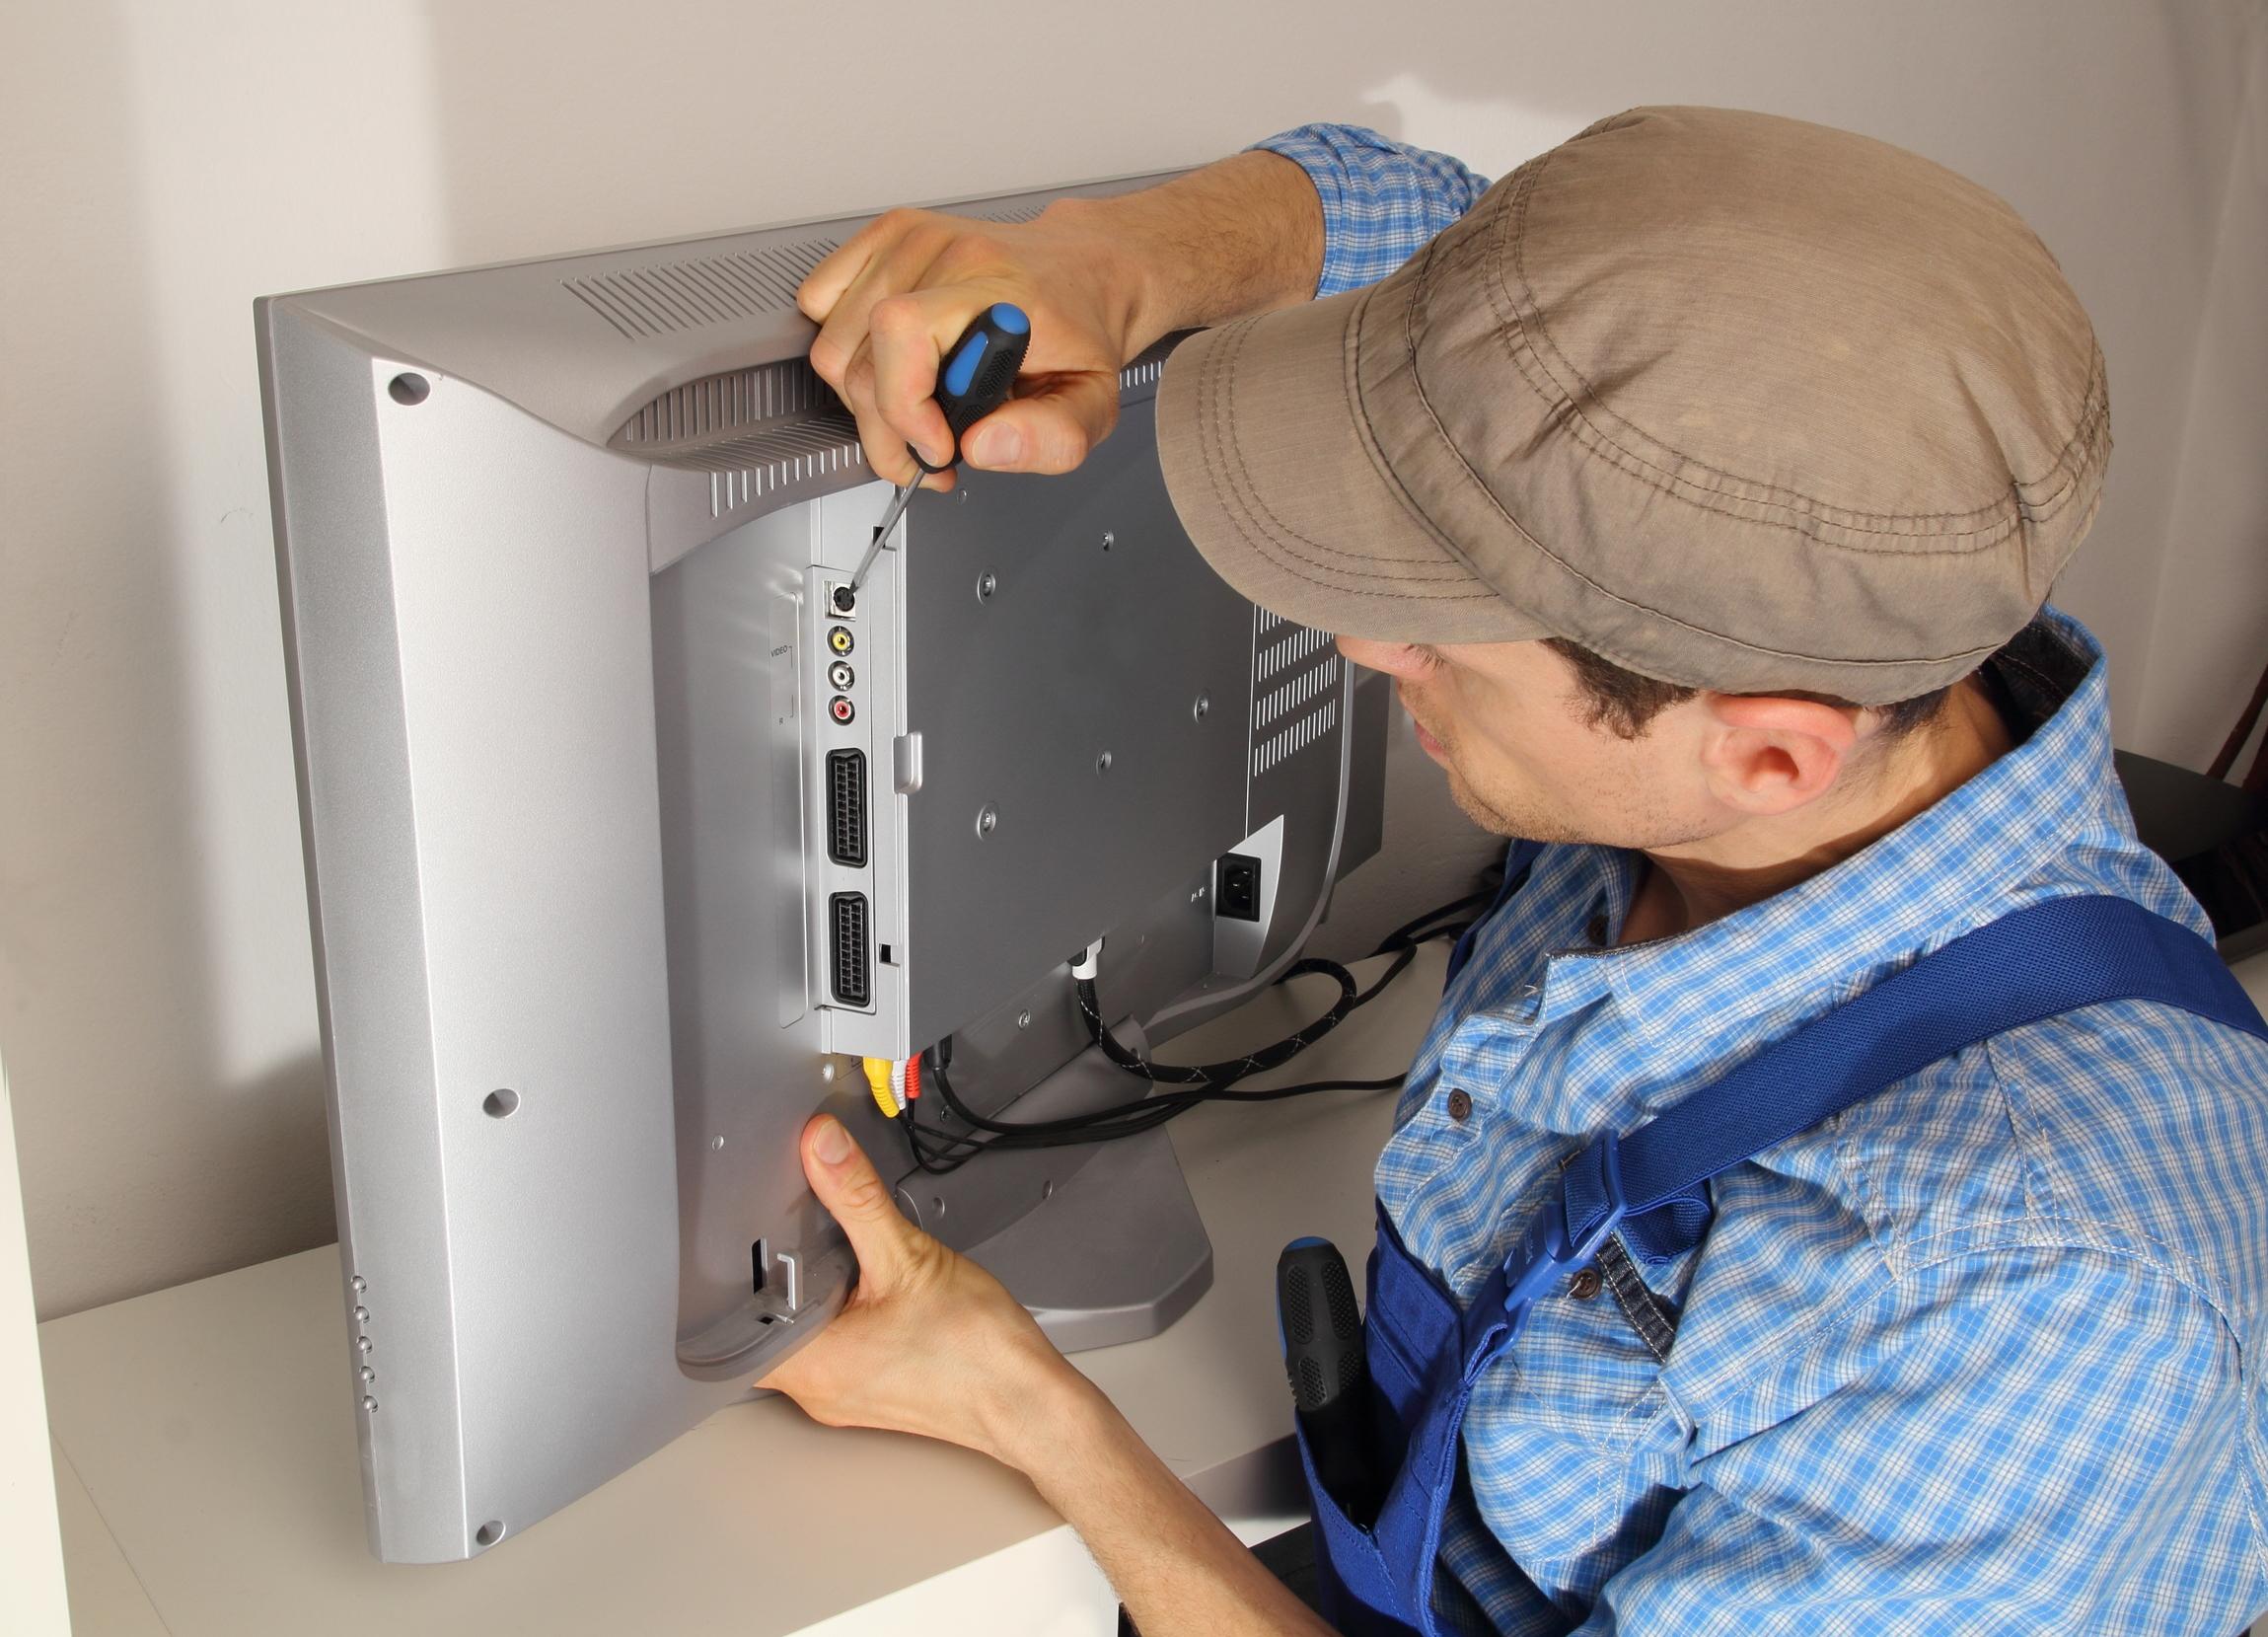 Ilustracija: popravak elektroničkih aparata